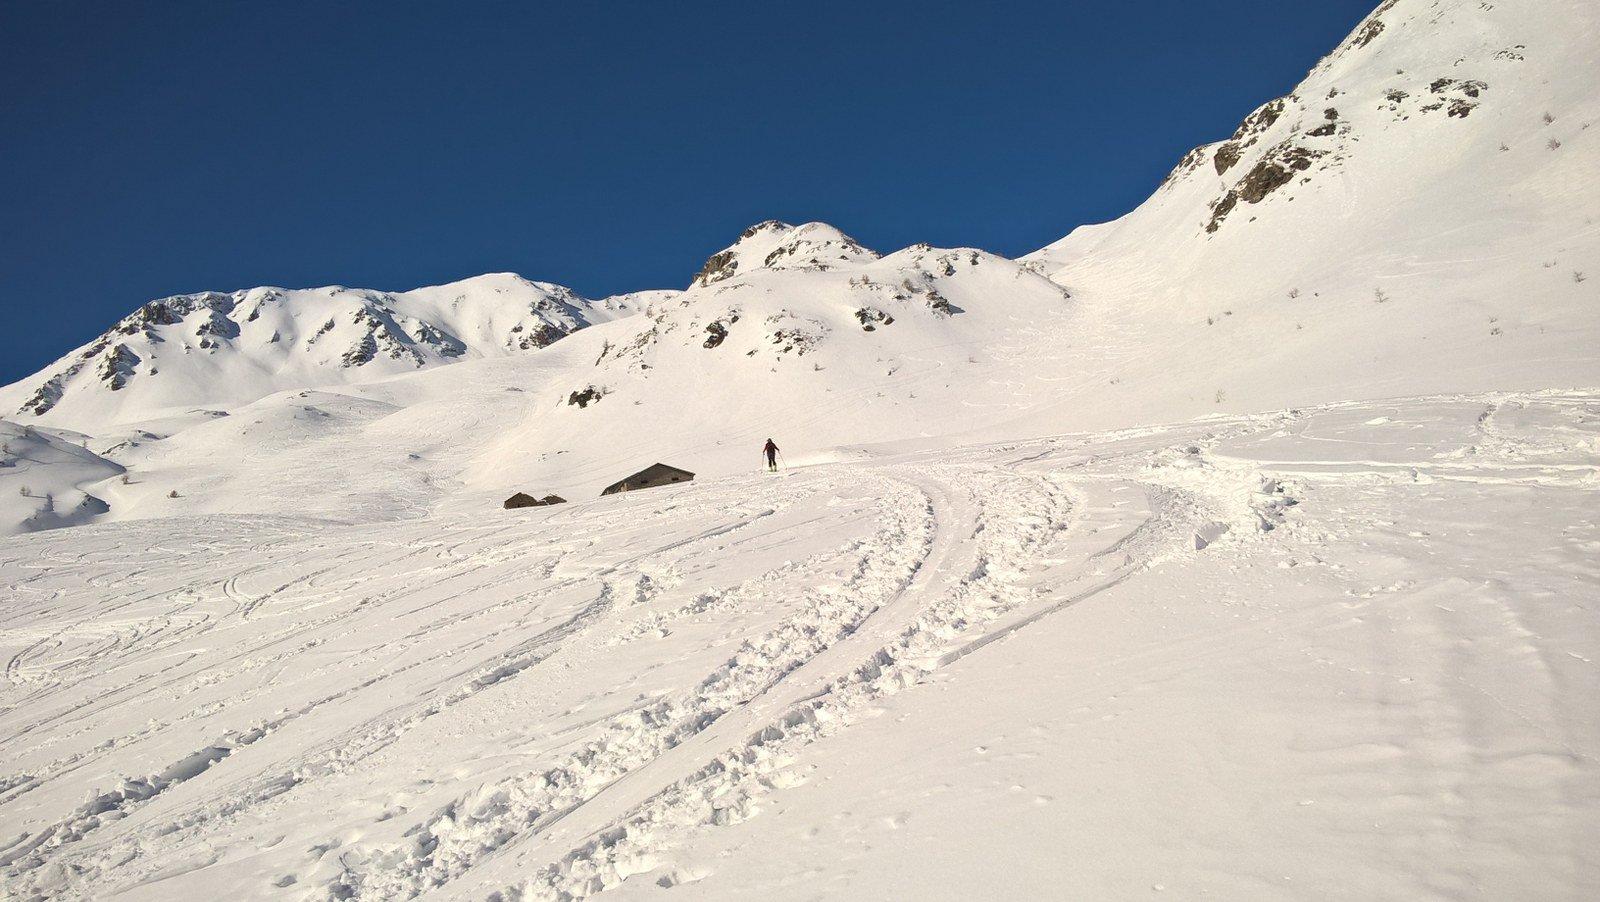 Di nuovo agli alpeggi, a destra il canale sceso